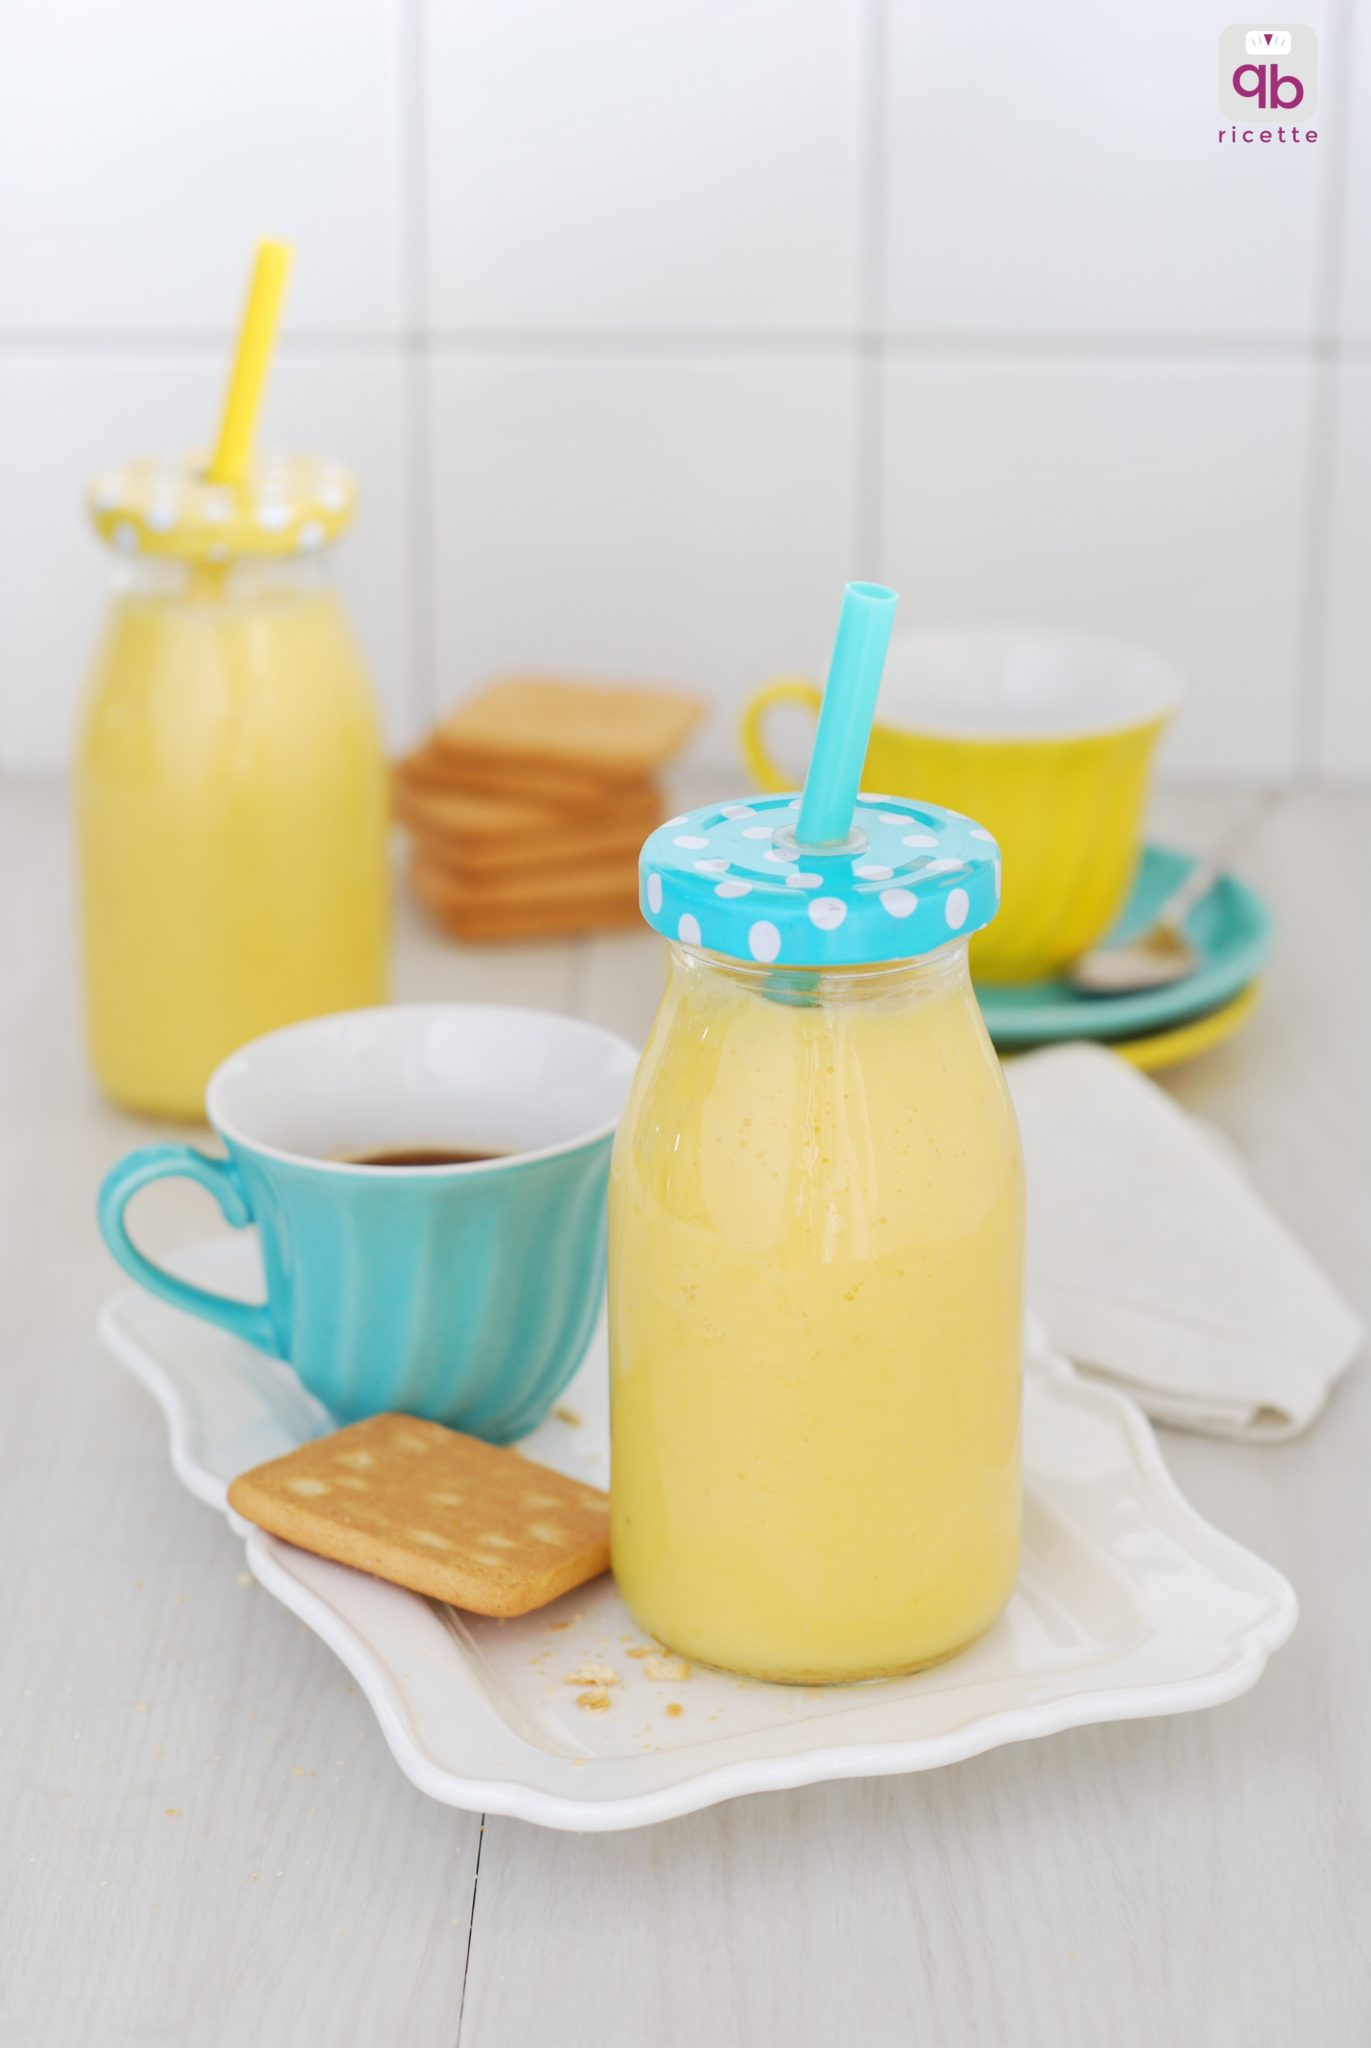 smoothie zenzero ananas